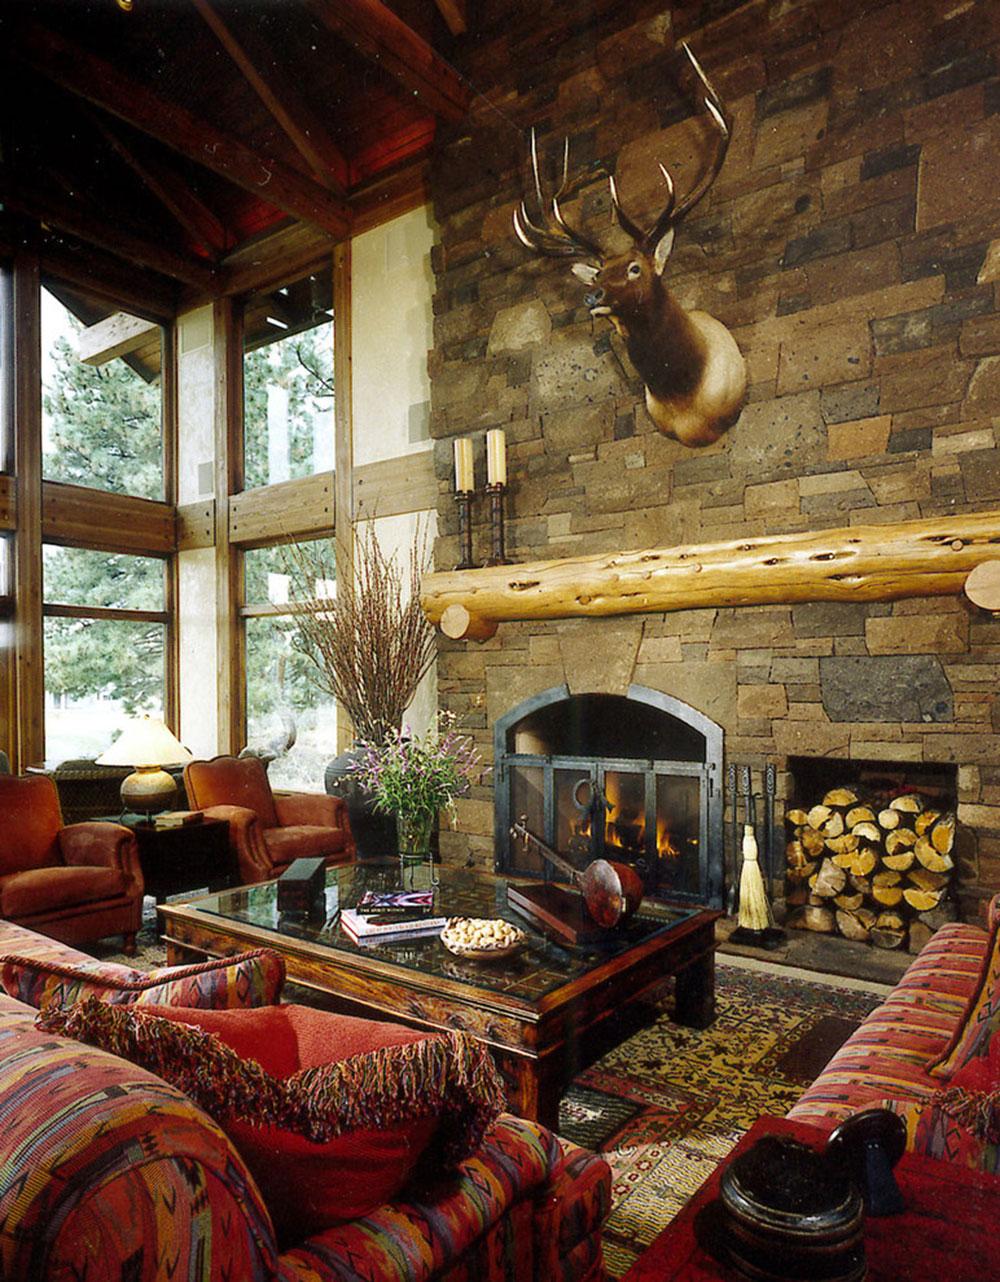 Design-ideas-for-firewood-storage1 Firewood-storage design-ideas